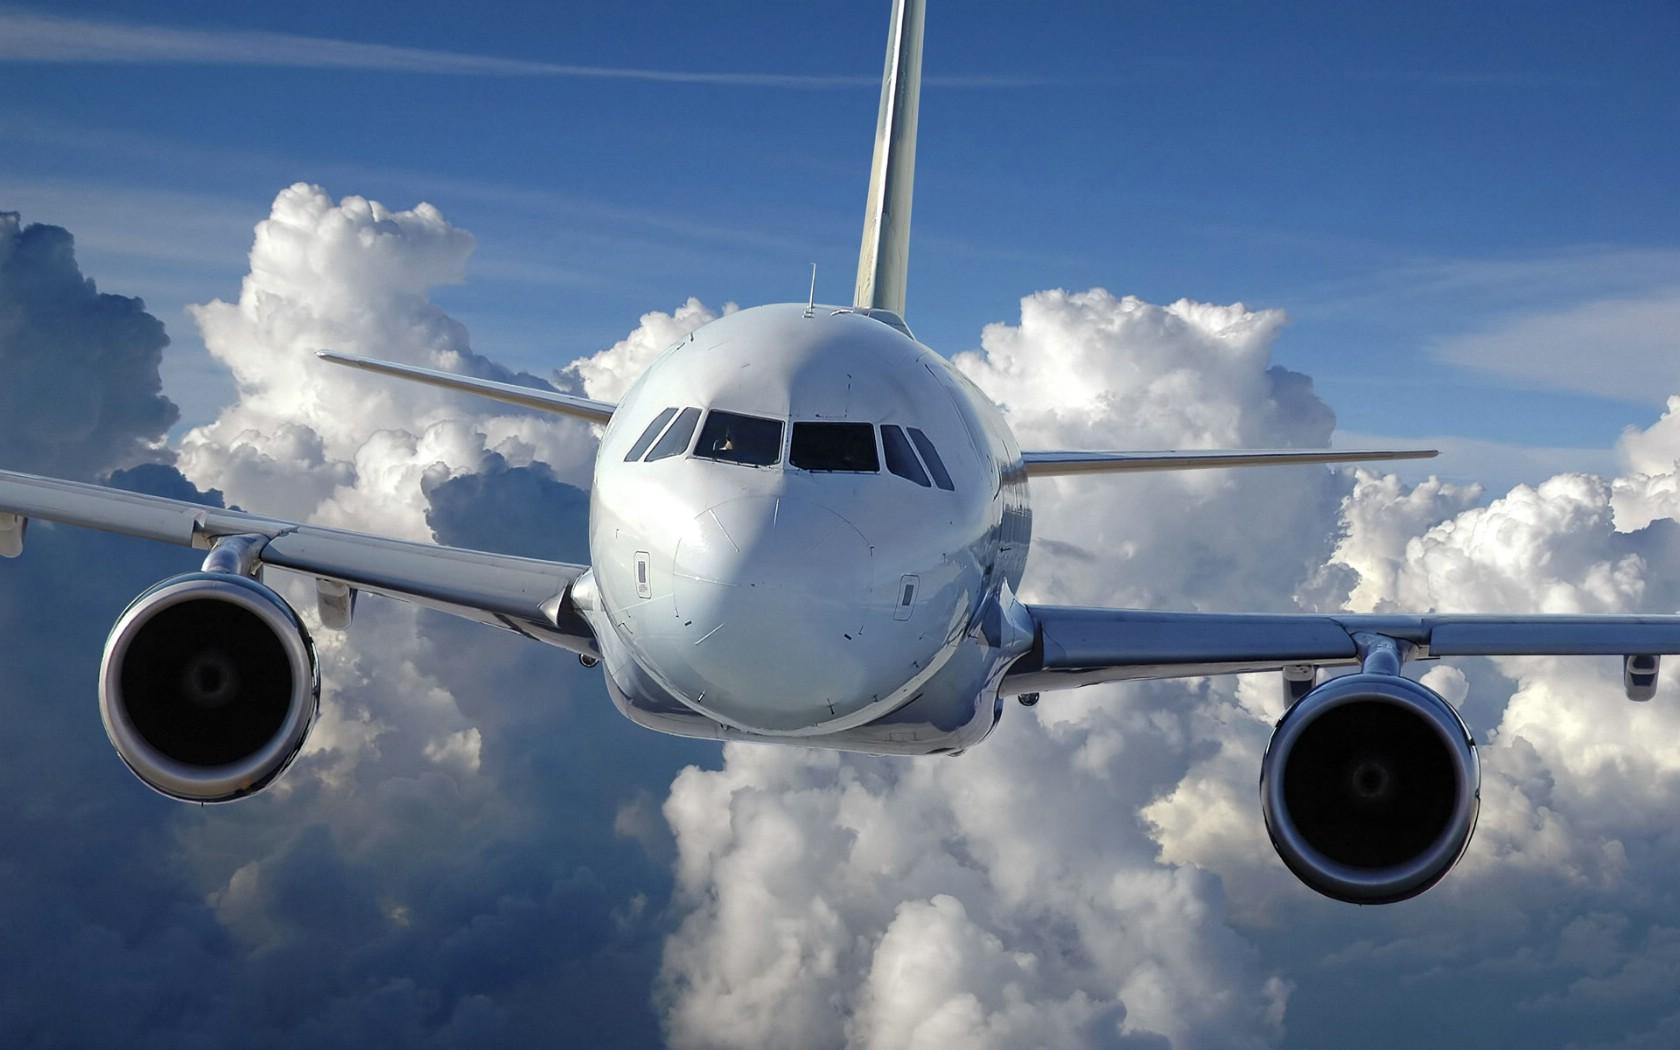 亚洲航空:东北亚探索未来的机会 理想和现实